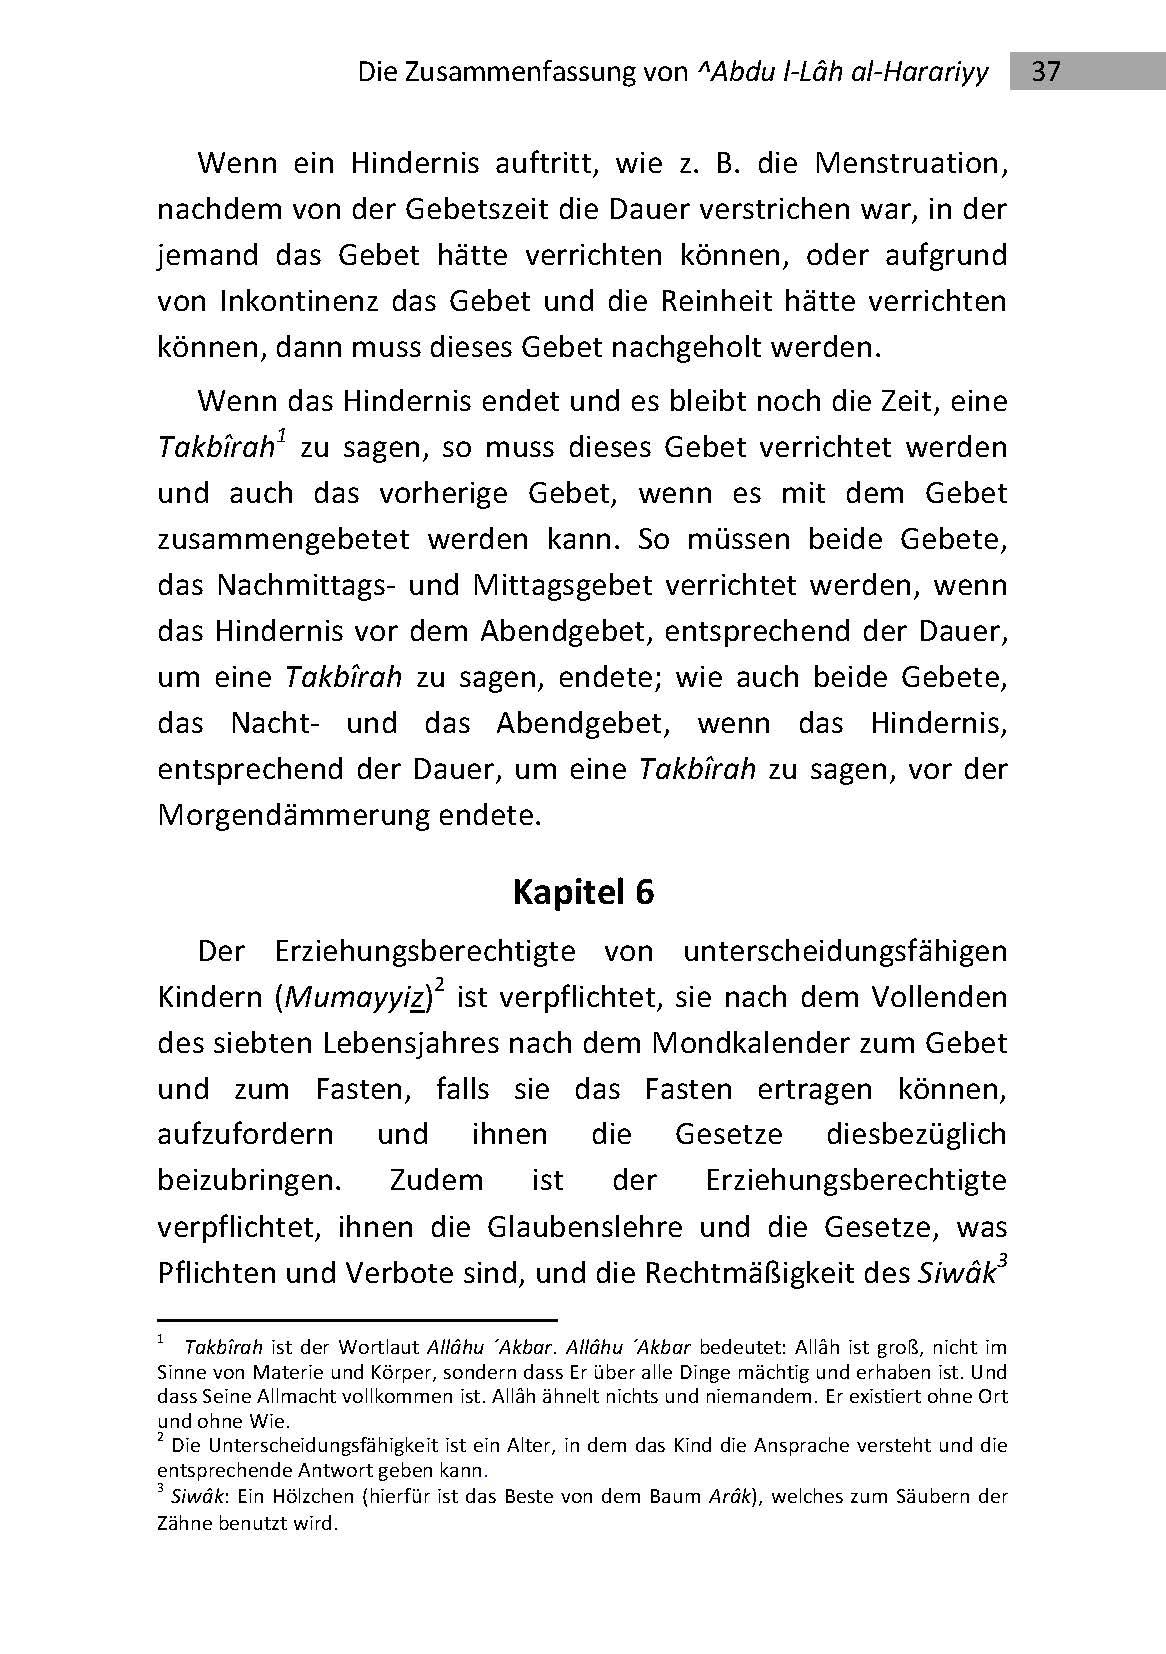 Die Zusammenfassung - 3. Auflage 2014_Seite_37